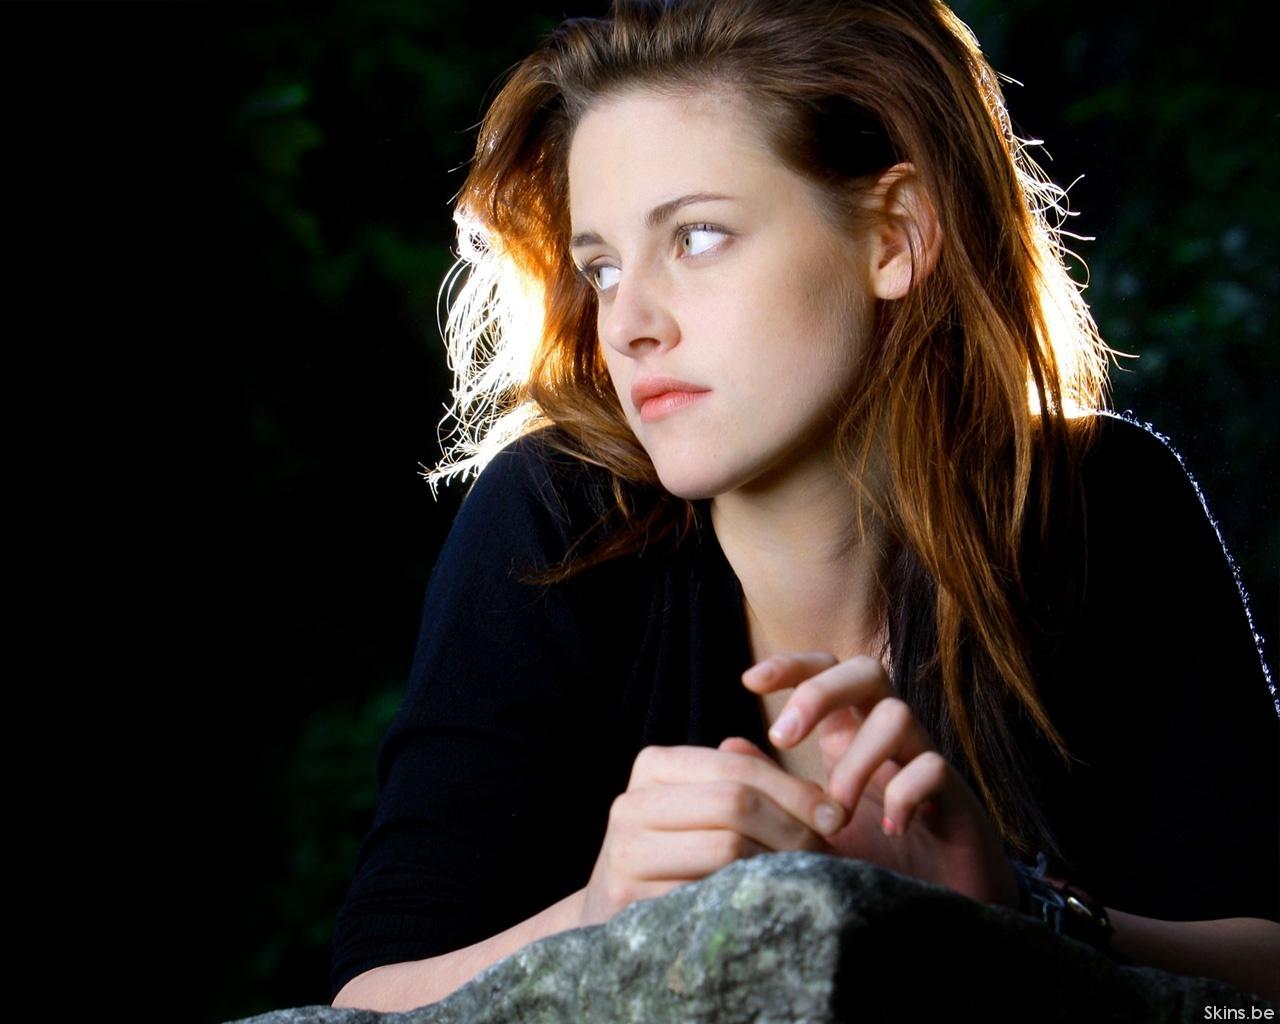 Kristen Stewart Photos, Kristen Stewart Hairstyles